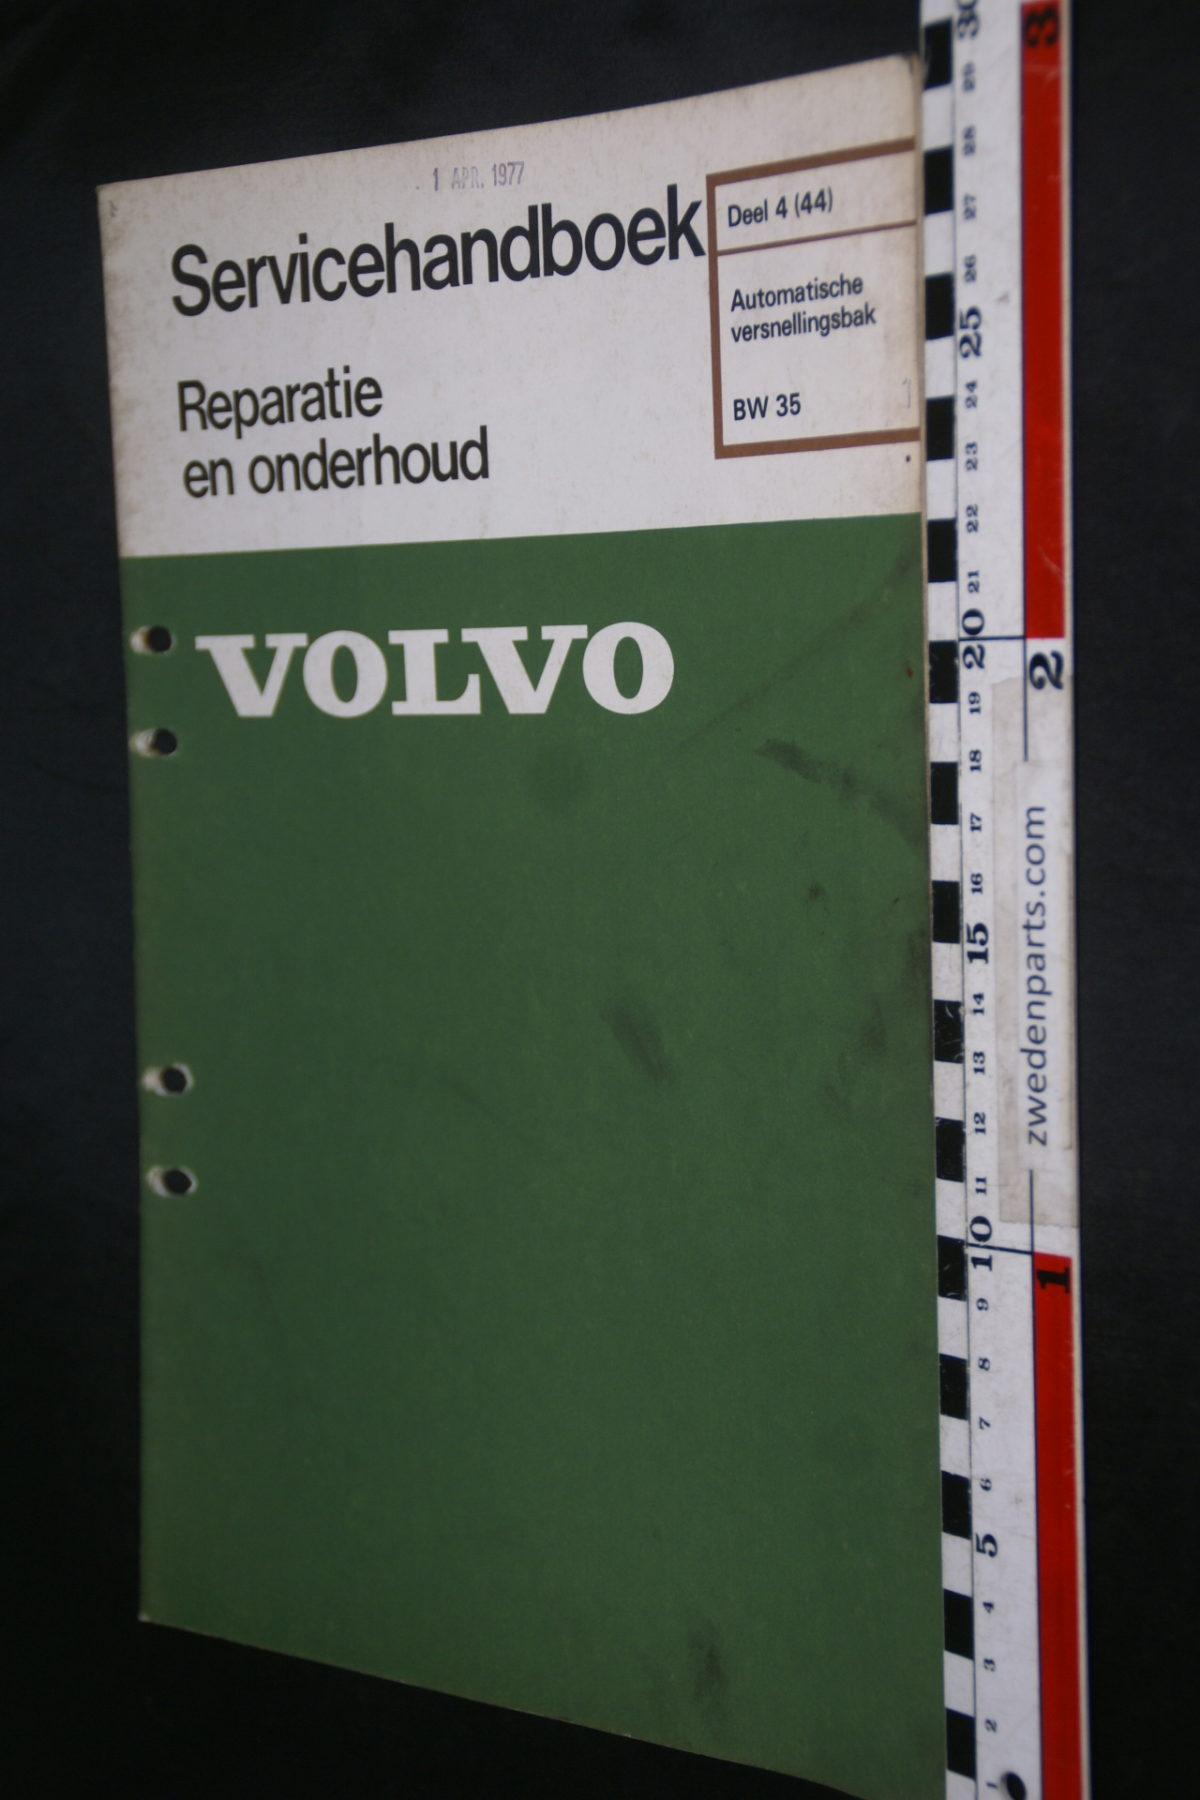 DSC08605 1977 origineel Volvo servicehandboek  4 (44) automaat BW35 1 van 750 TP 11475-1